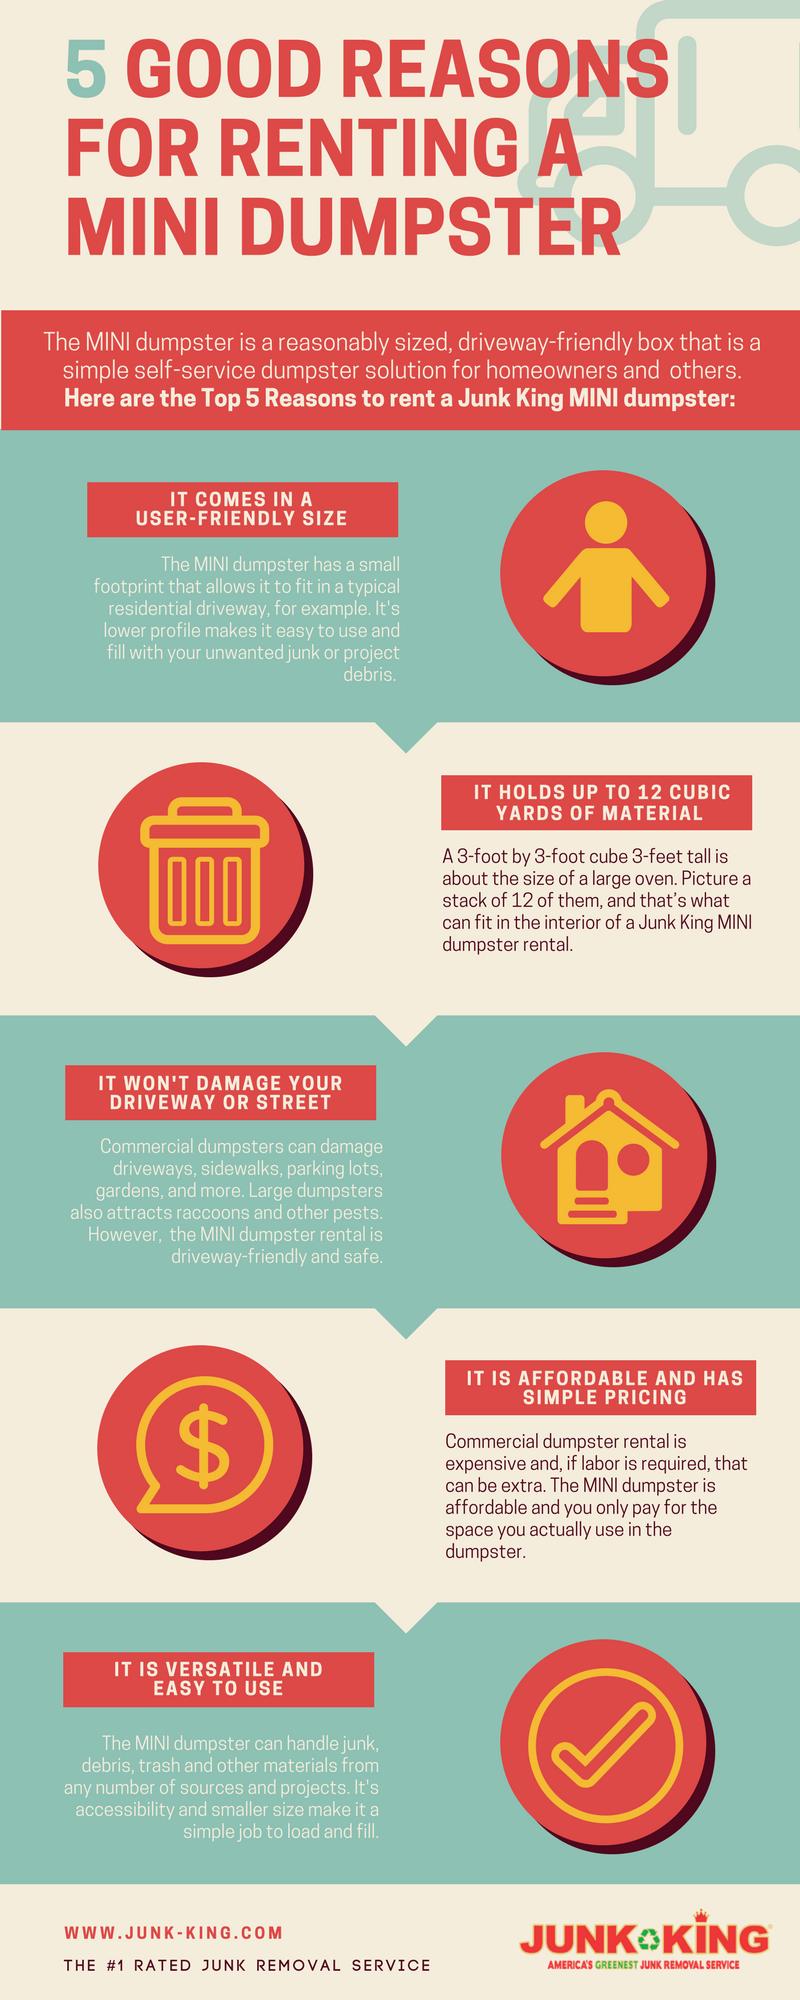 5 Reasons for MINI dumpster-1